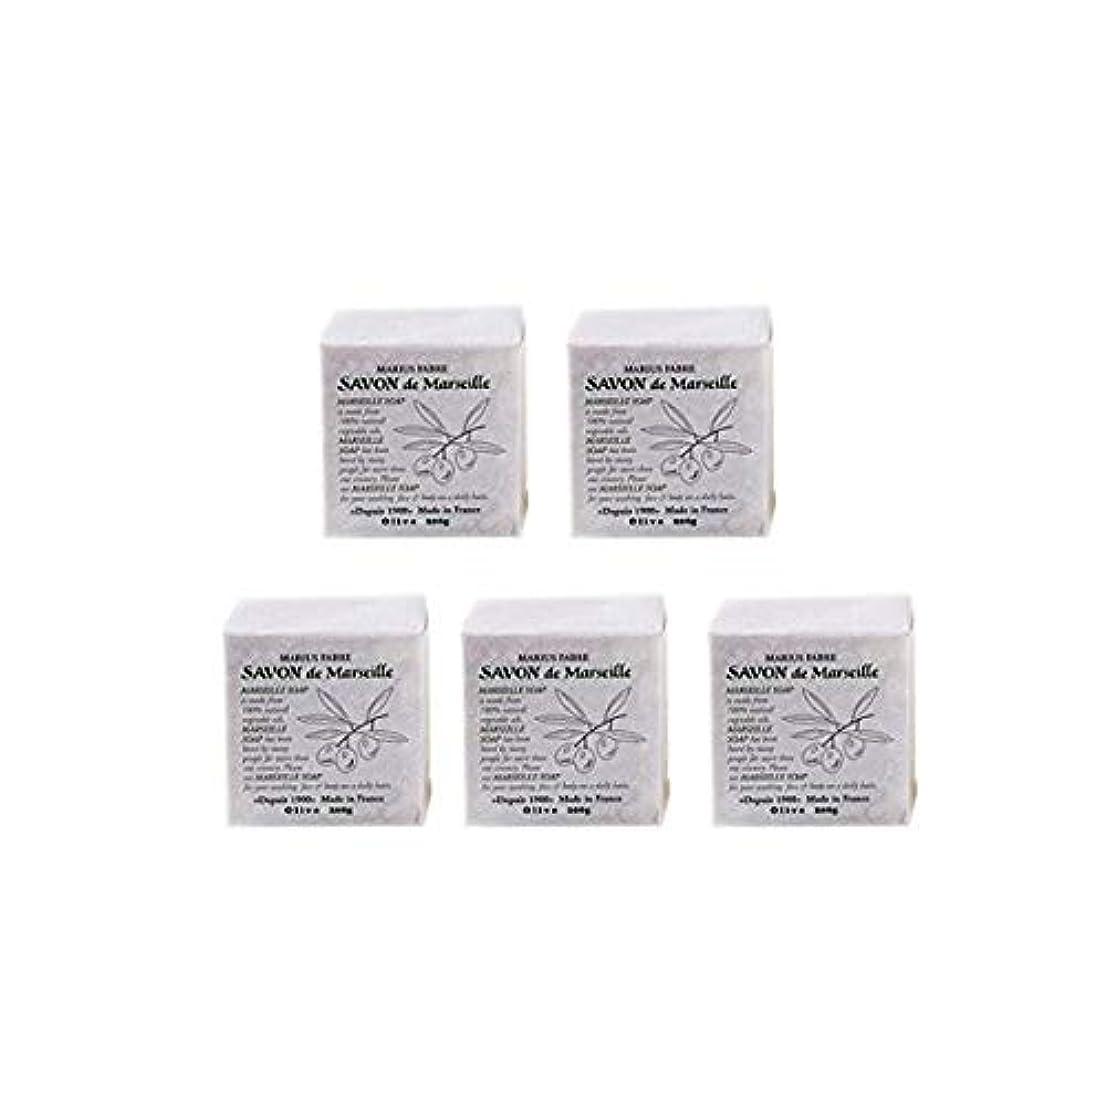 浮浪者ロールプライムマリウスファーブルサボンドマルセイユ無香料オリーブN(無香料)5個セット(200g×5個)マリウスファーブルのマルセイユ石鹸 無香料